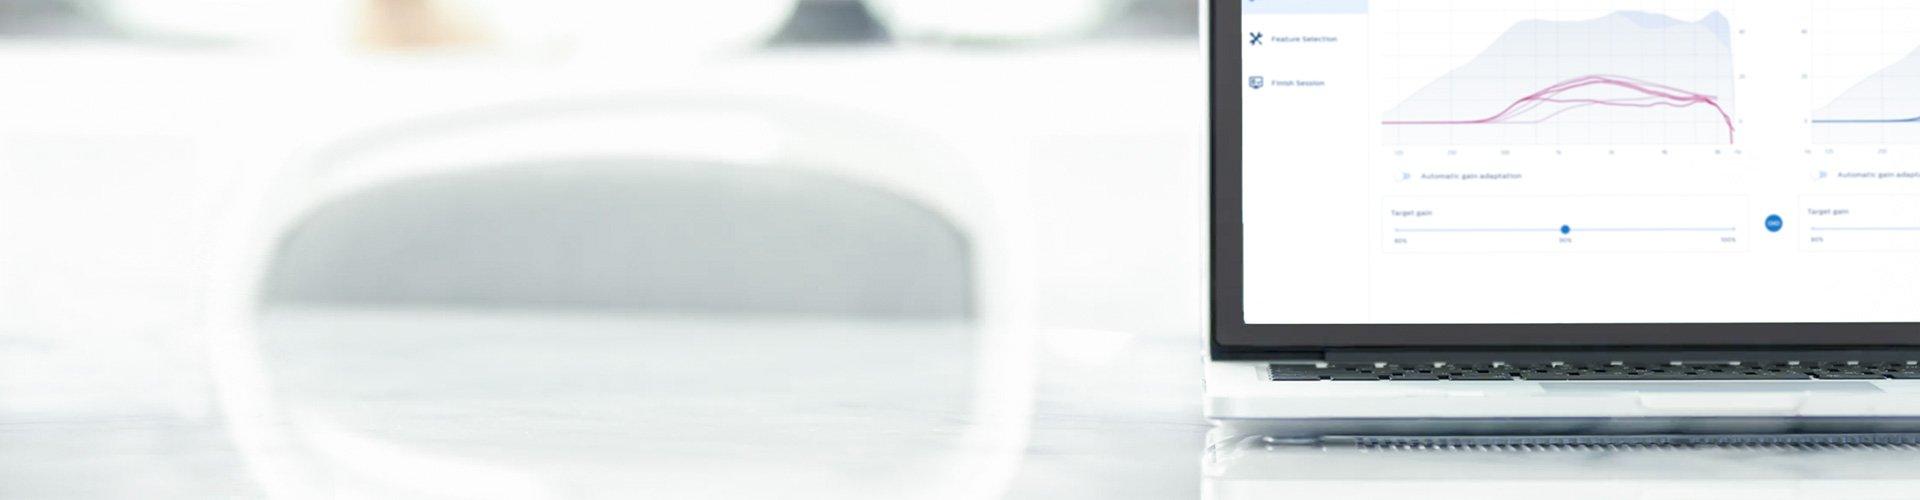 Screenshot der Philips HearSuite für Fachleute. Anpasssoftware für Philips HearLink Hörgeräte.